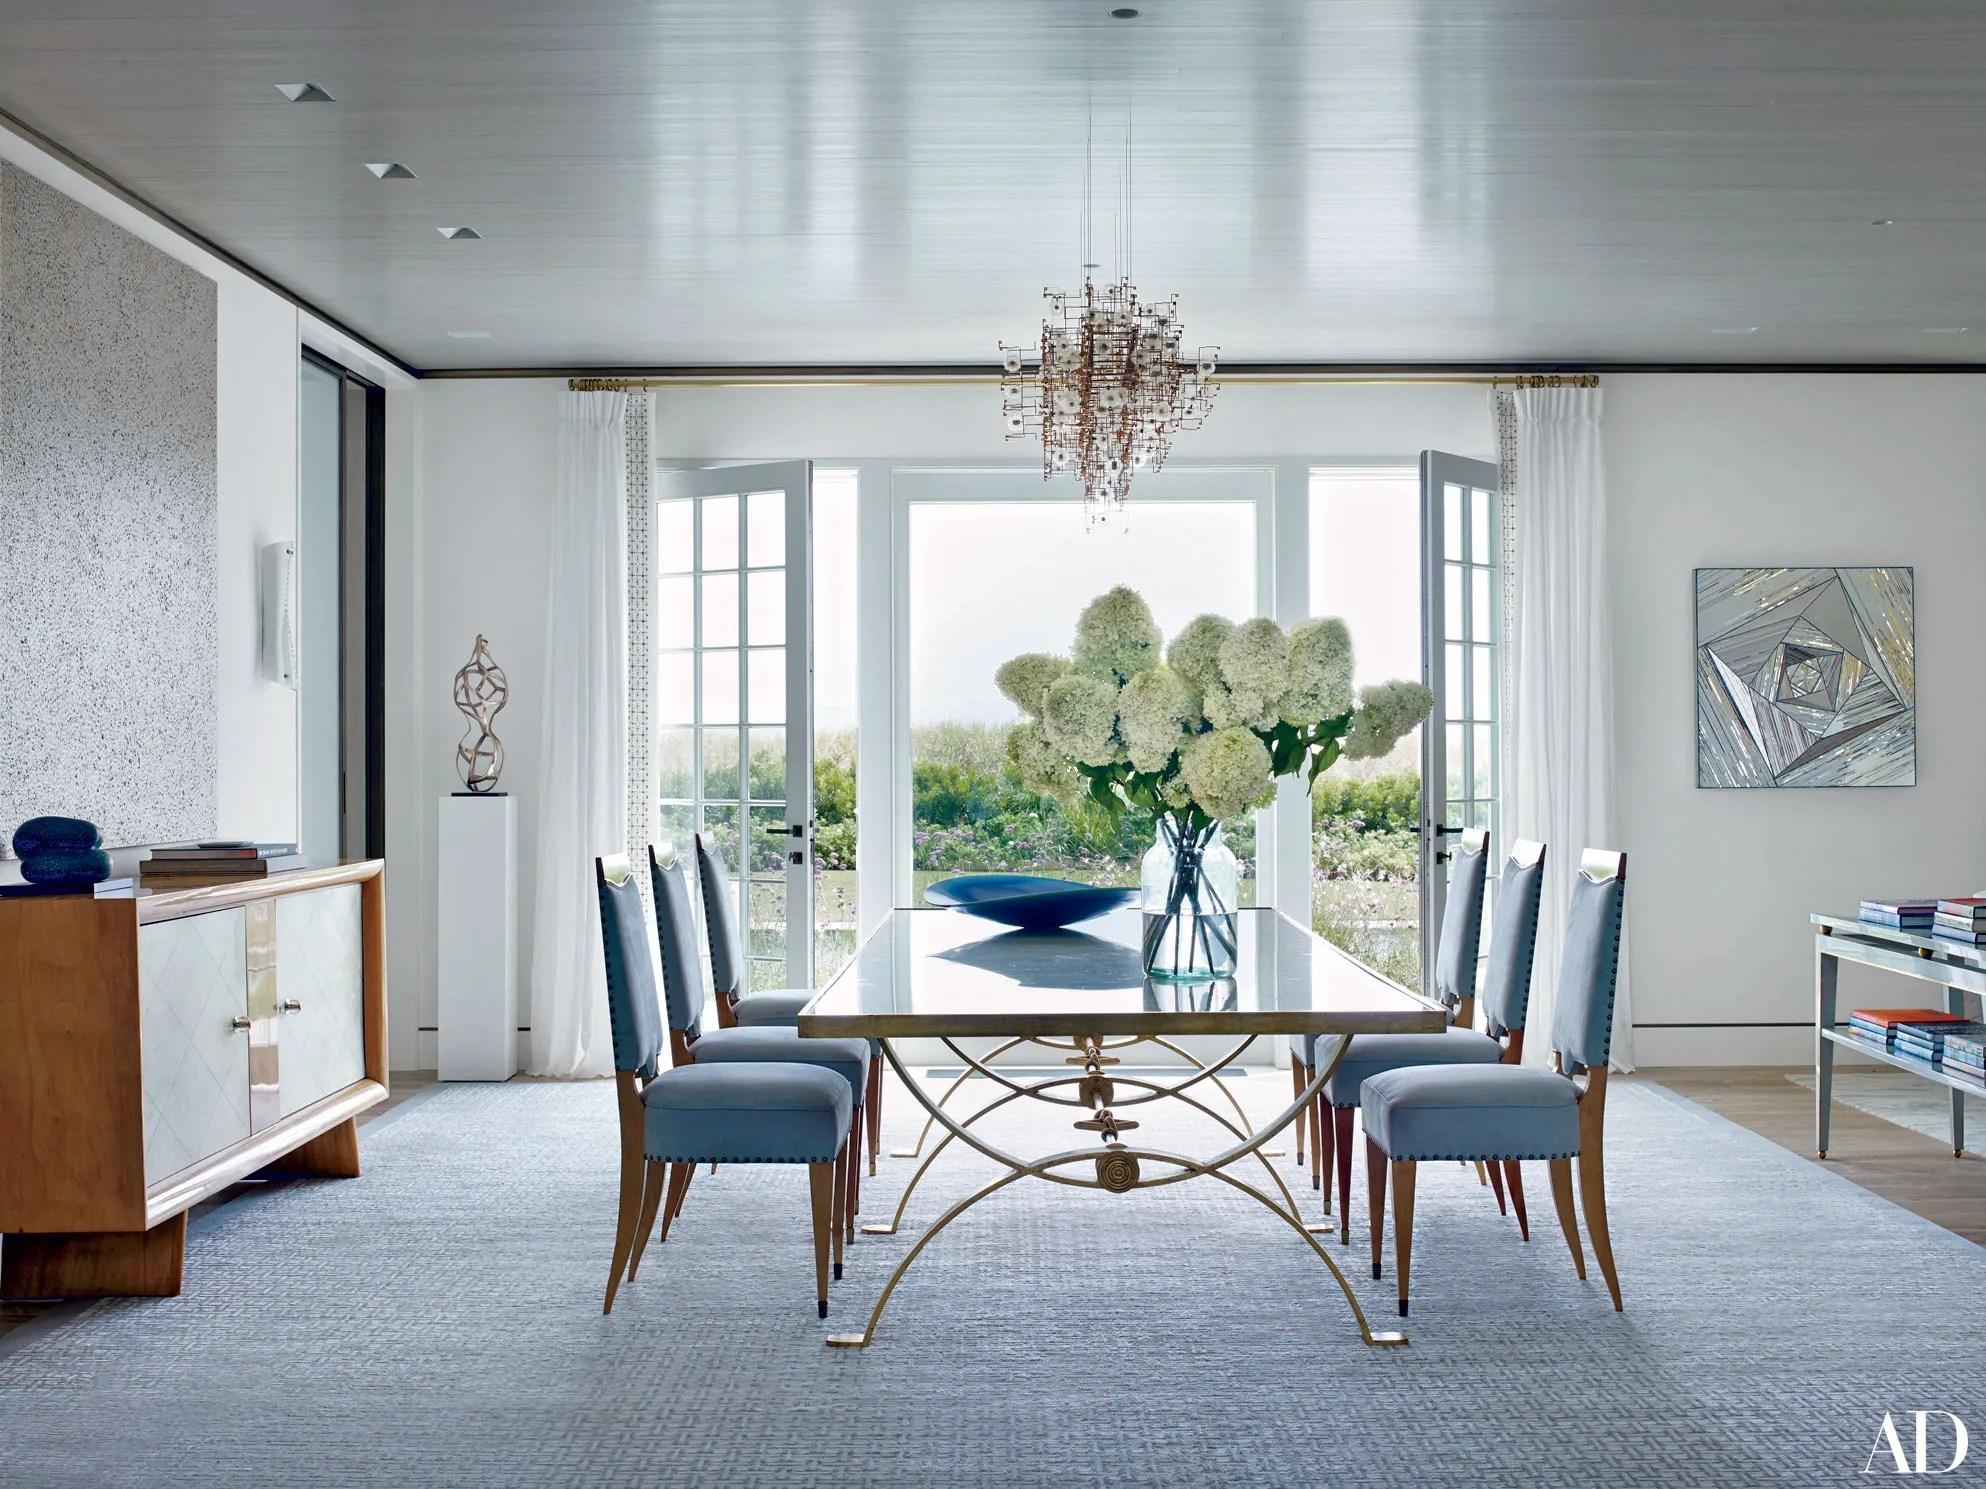 Interior Design Trends 2016 Home Decor Ideas Photos